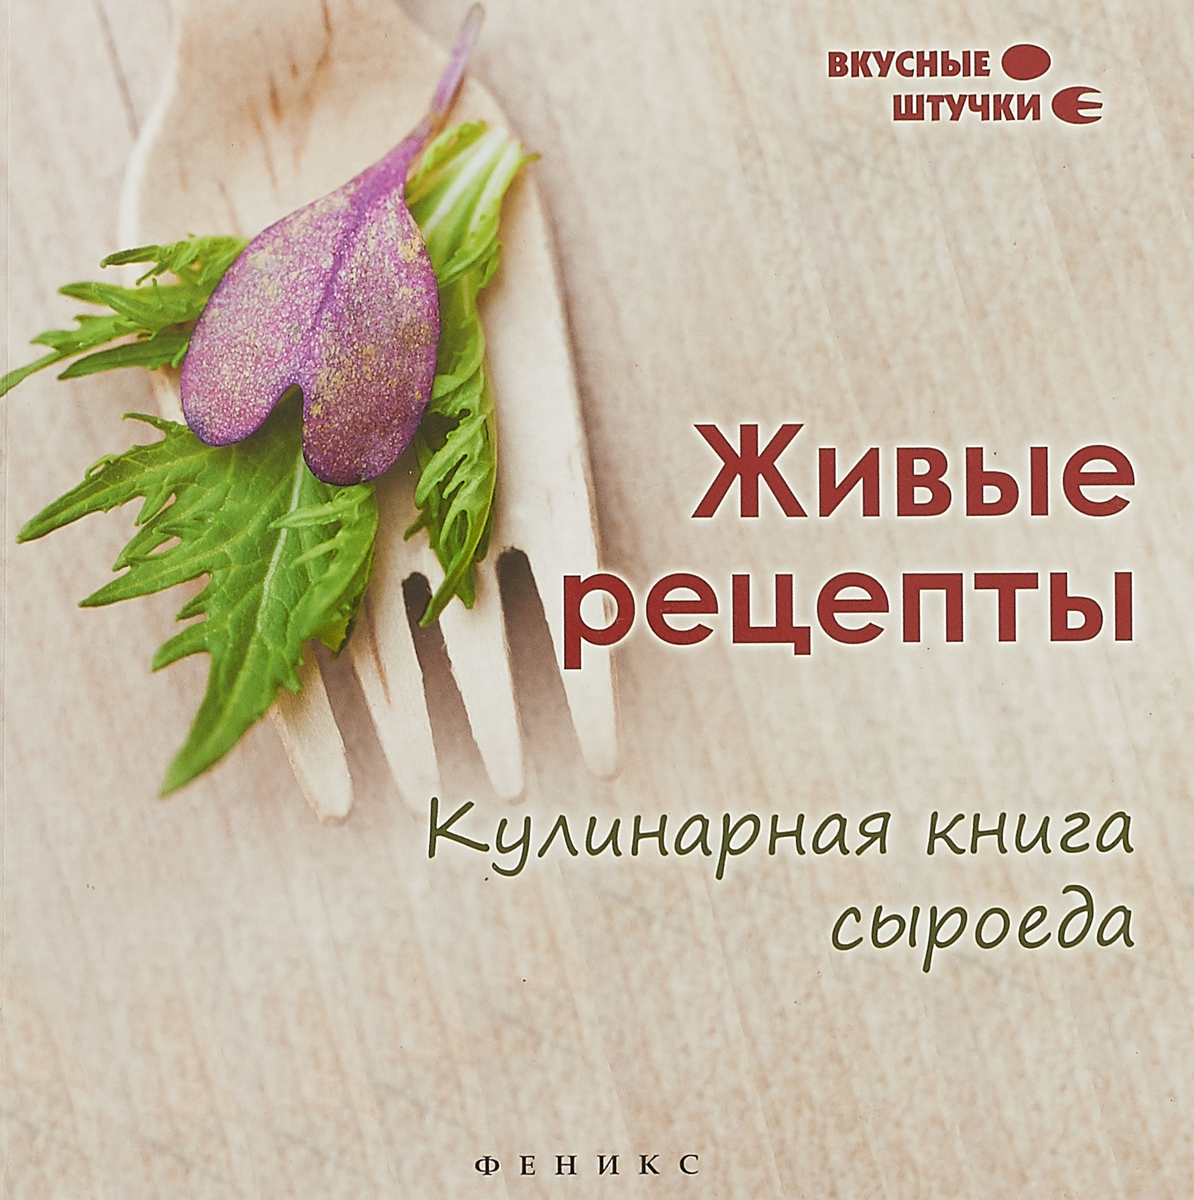 Е. В. Низеенко Живые рецепты. Кулинарная книга сыроеда